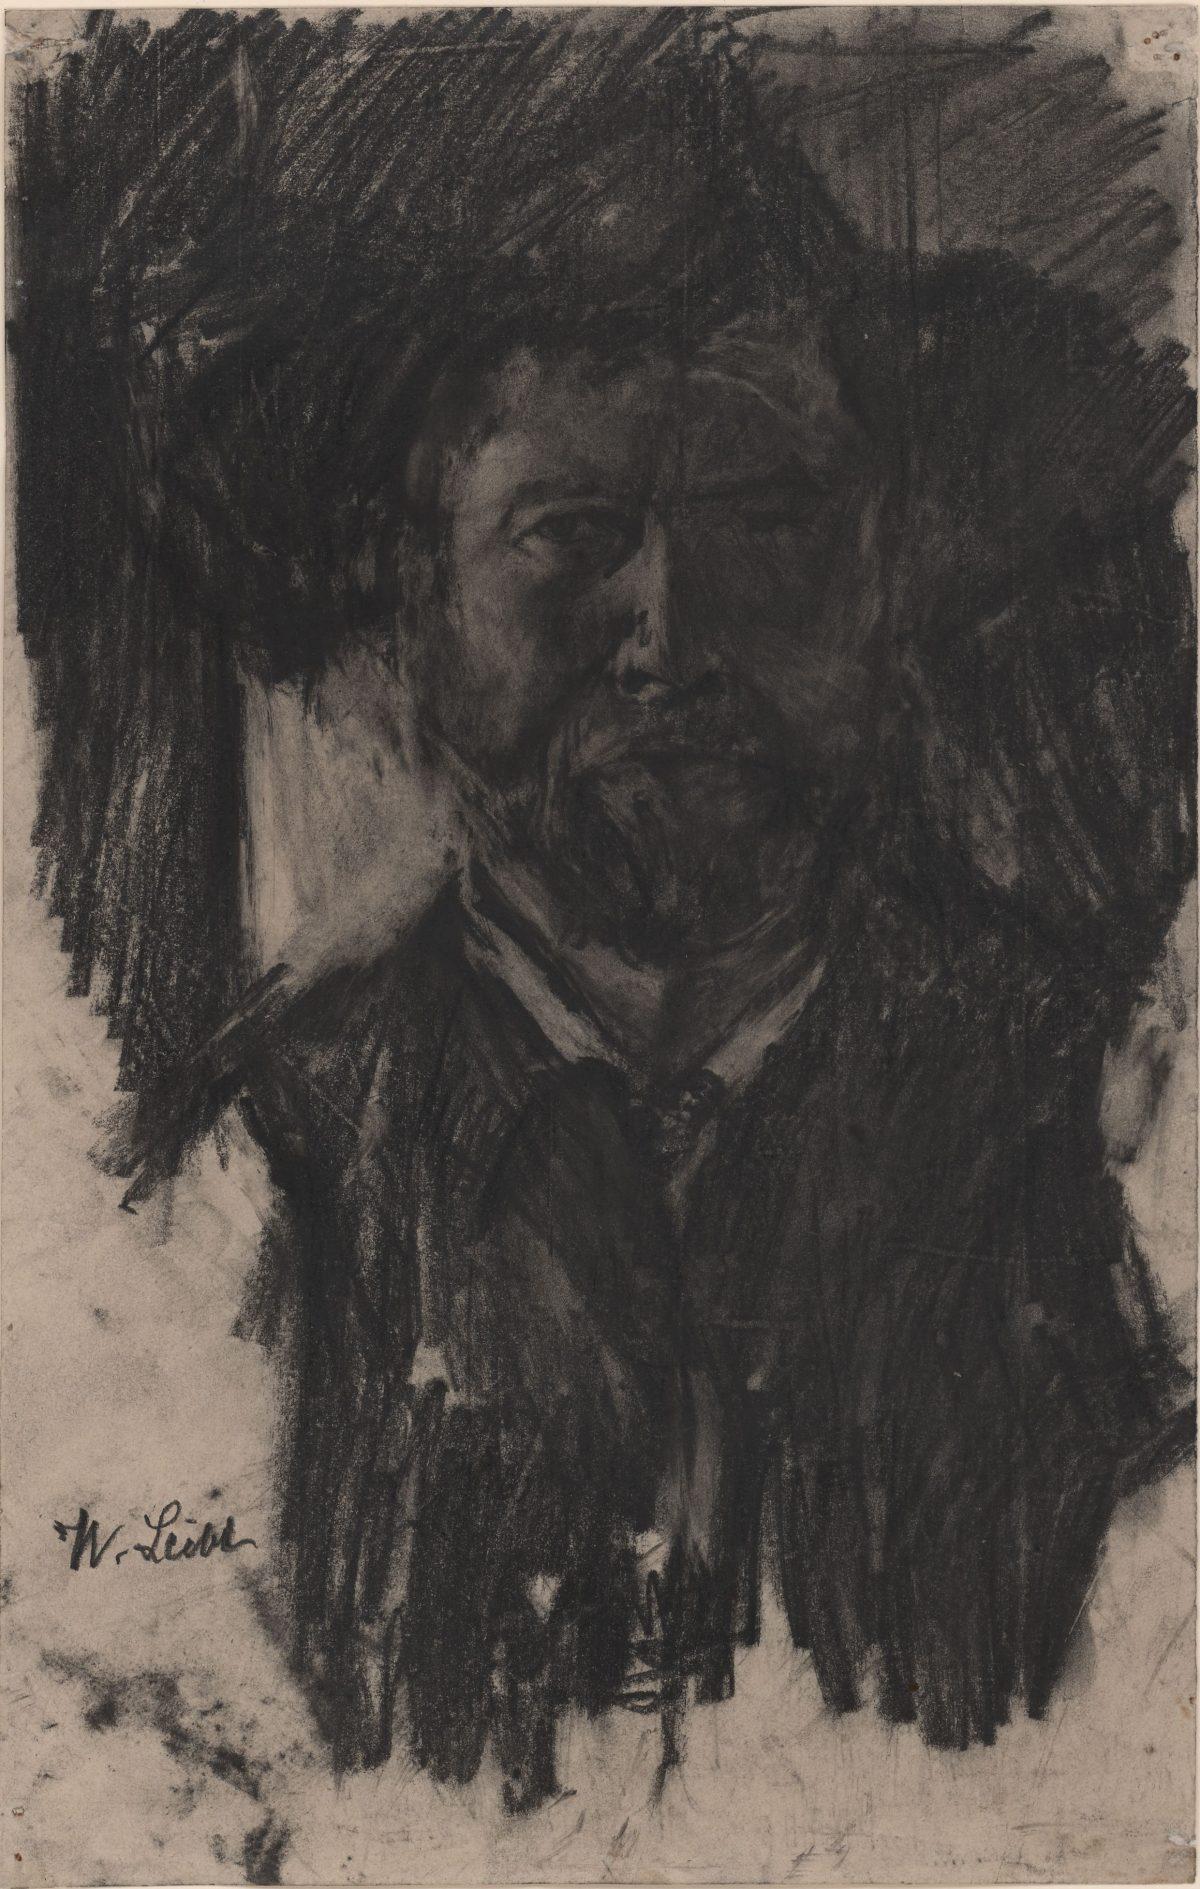 Wilhelm Leibl, Selbstbildnis, um 1895, Kohle, Bleistift, 330 x 210 mm Blattmaß © Staatliche Graphische Sammlung München